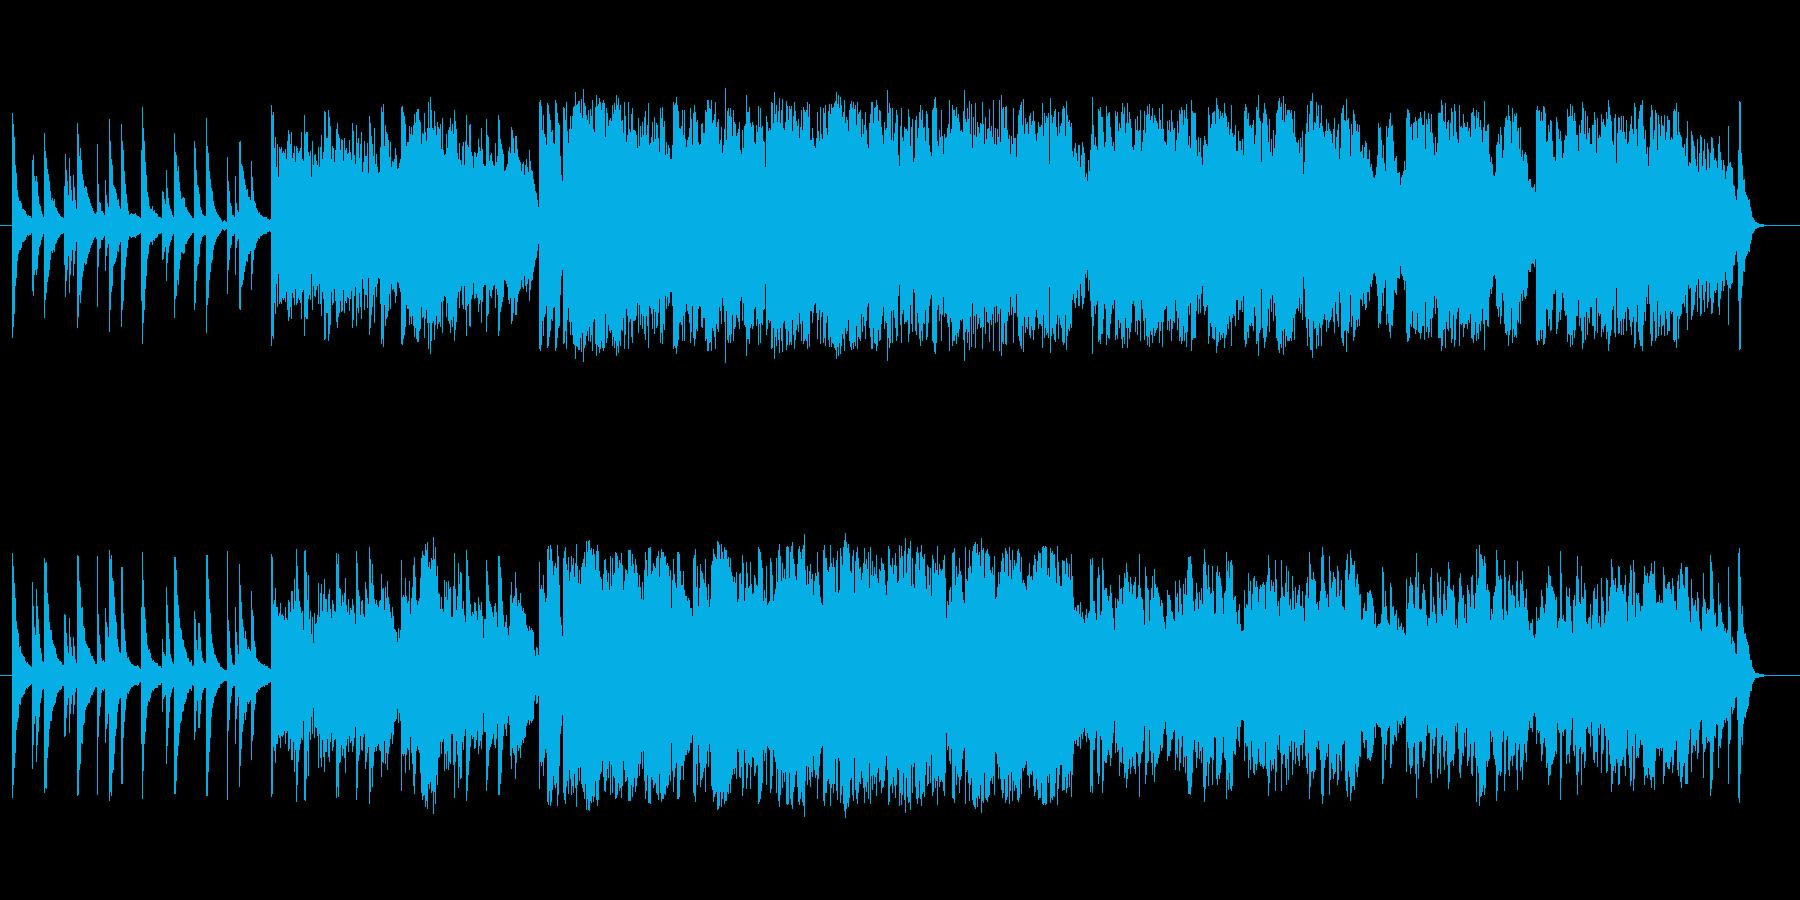 物語の終わり-endroll-の再生済みの波形